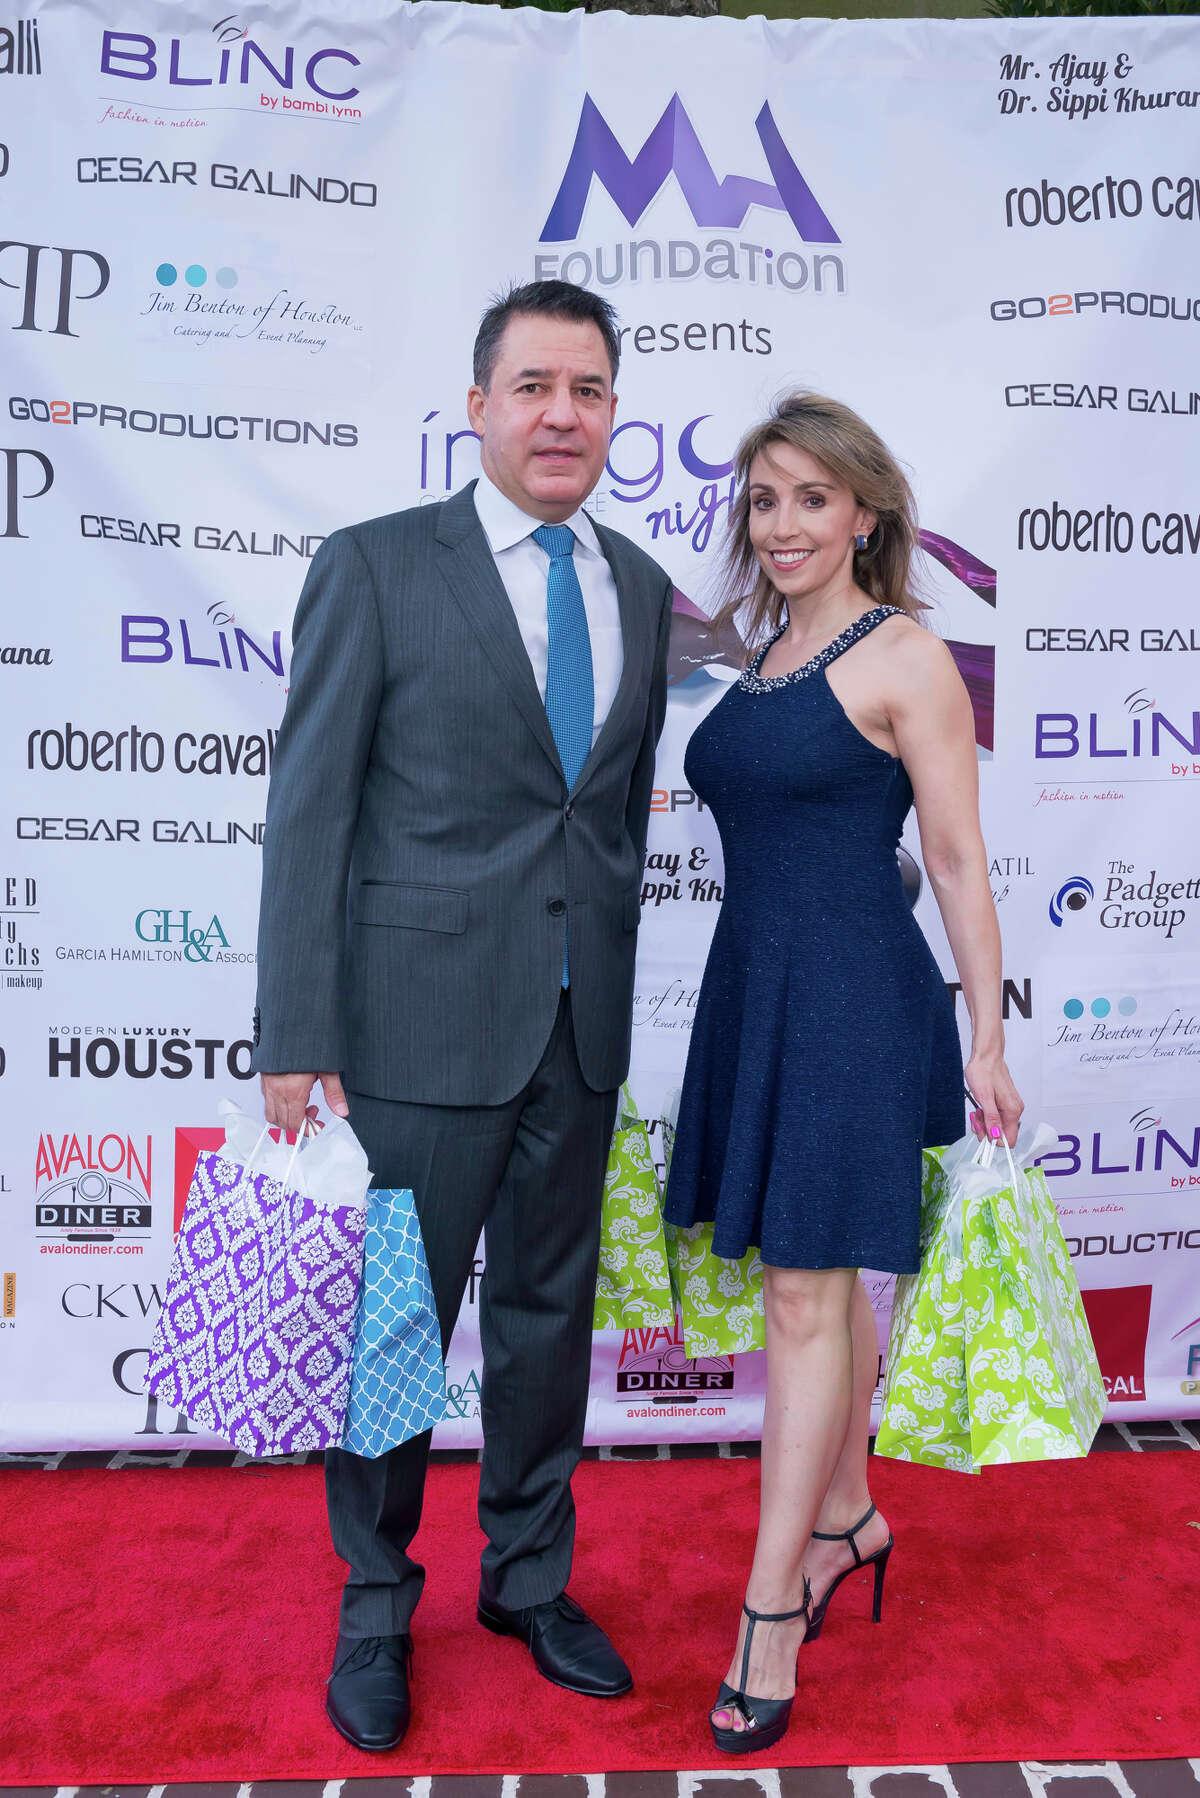 Mauricio Vallejo and Liliana Molina